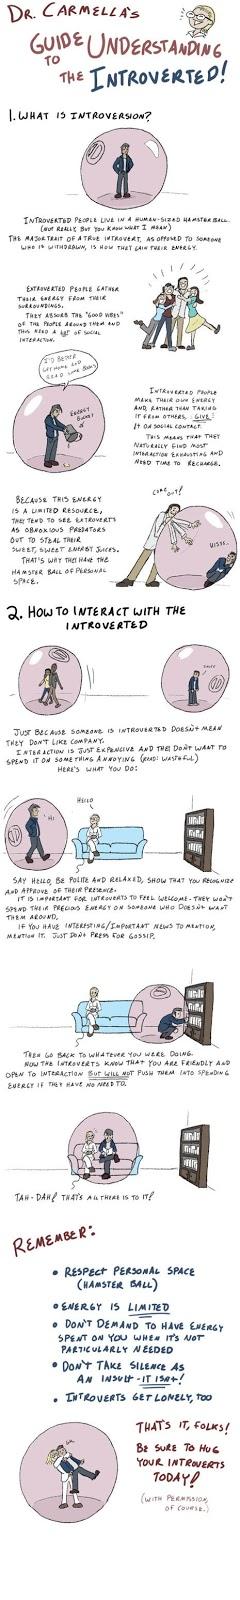 Anleitung: Wie verstehe ich introvertierte